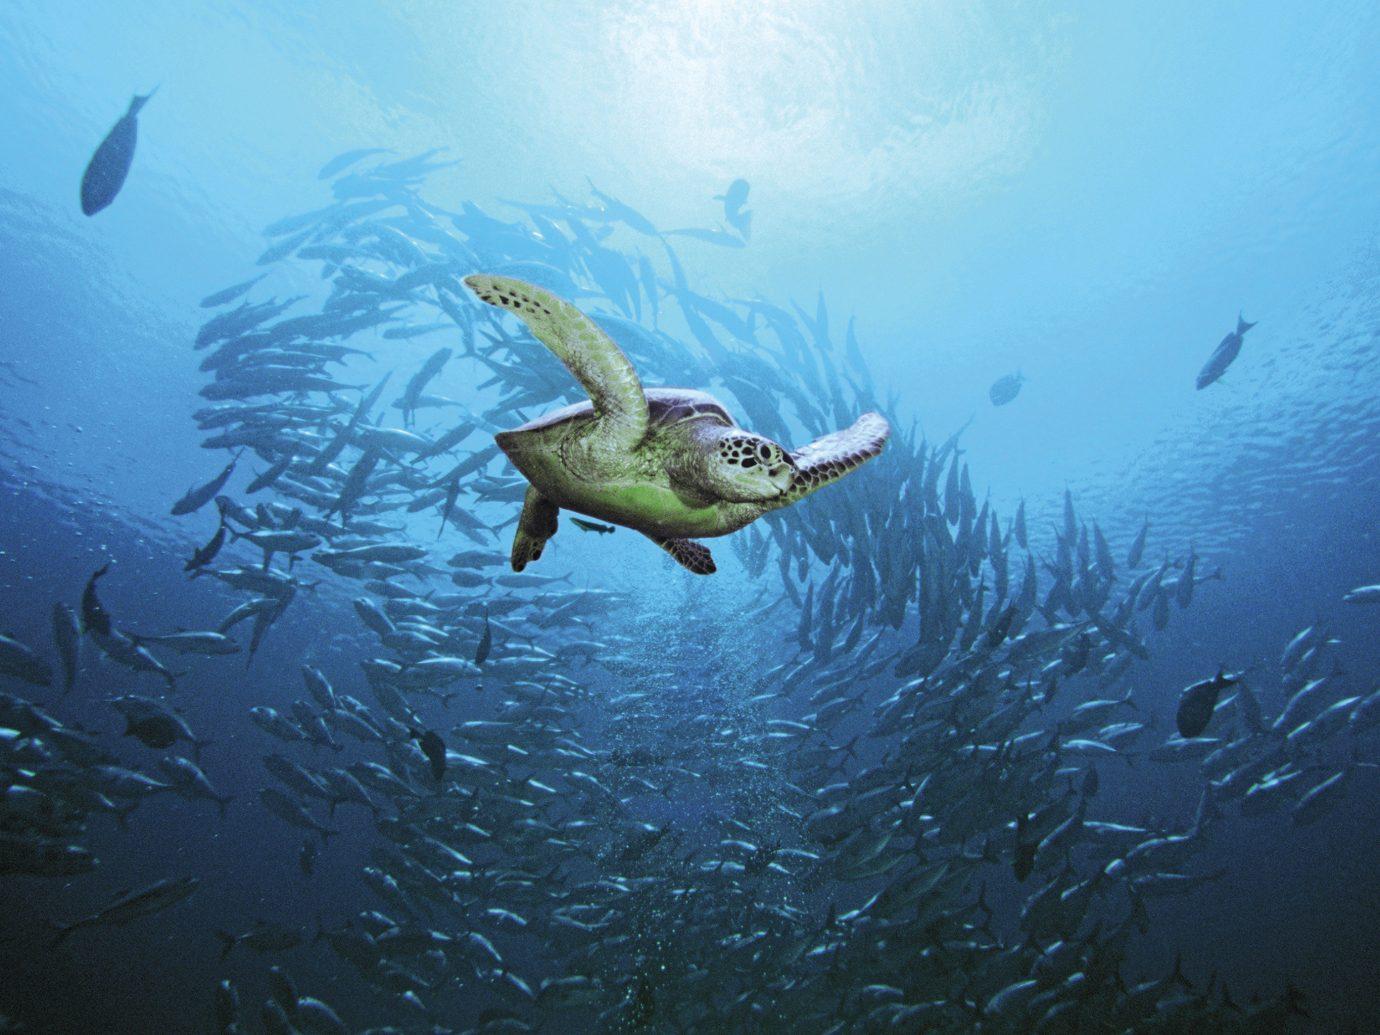 Trip Ideas water marine biology underwater fish flock biology Ocean Sea Lake reef diving dark swimming